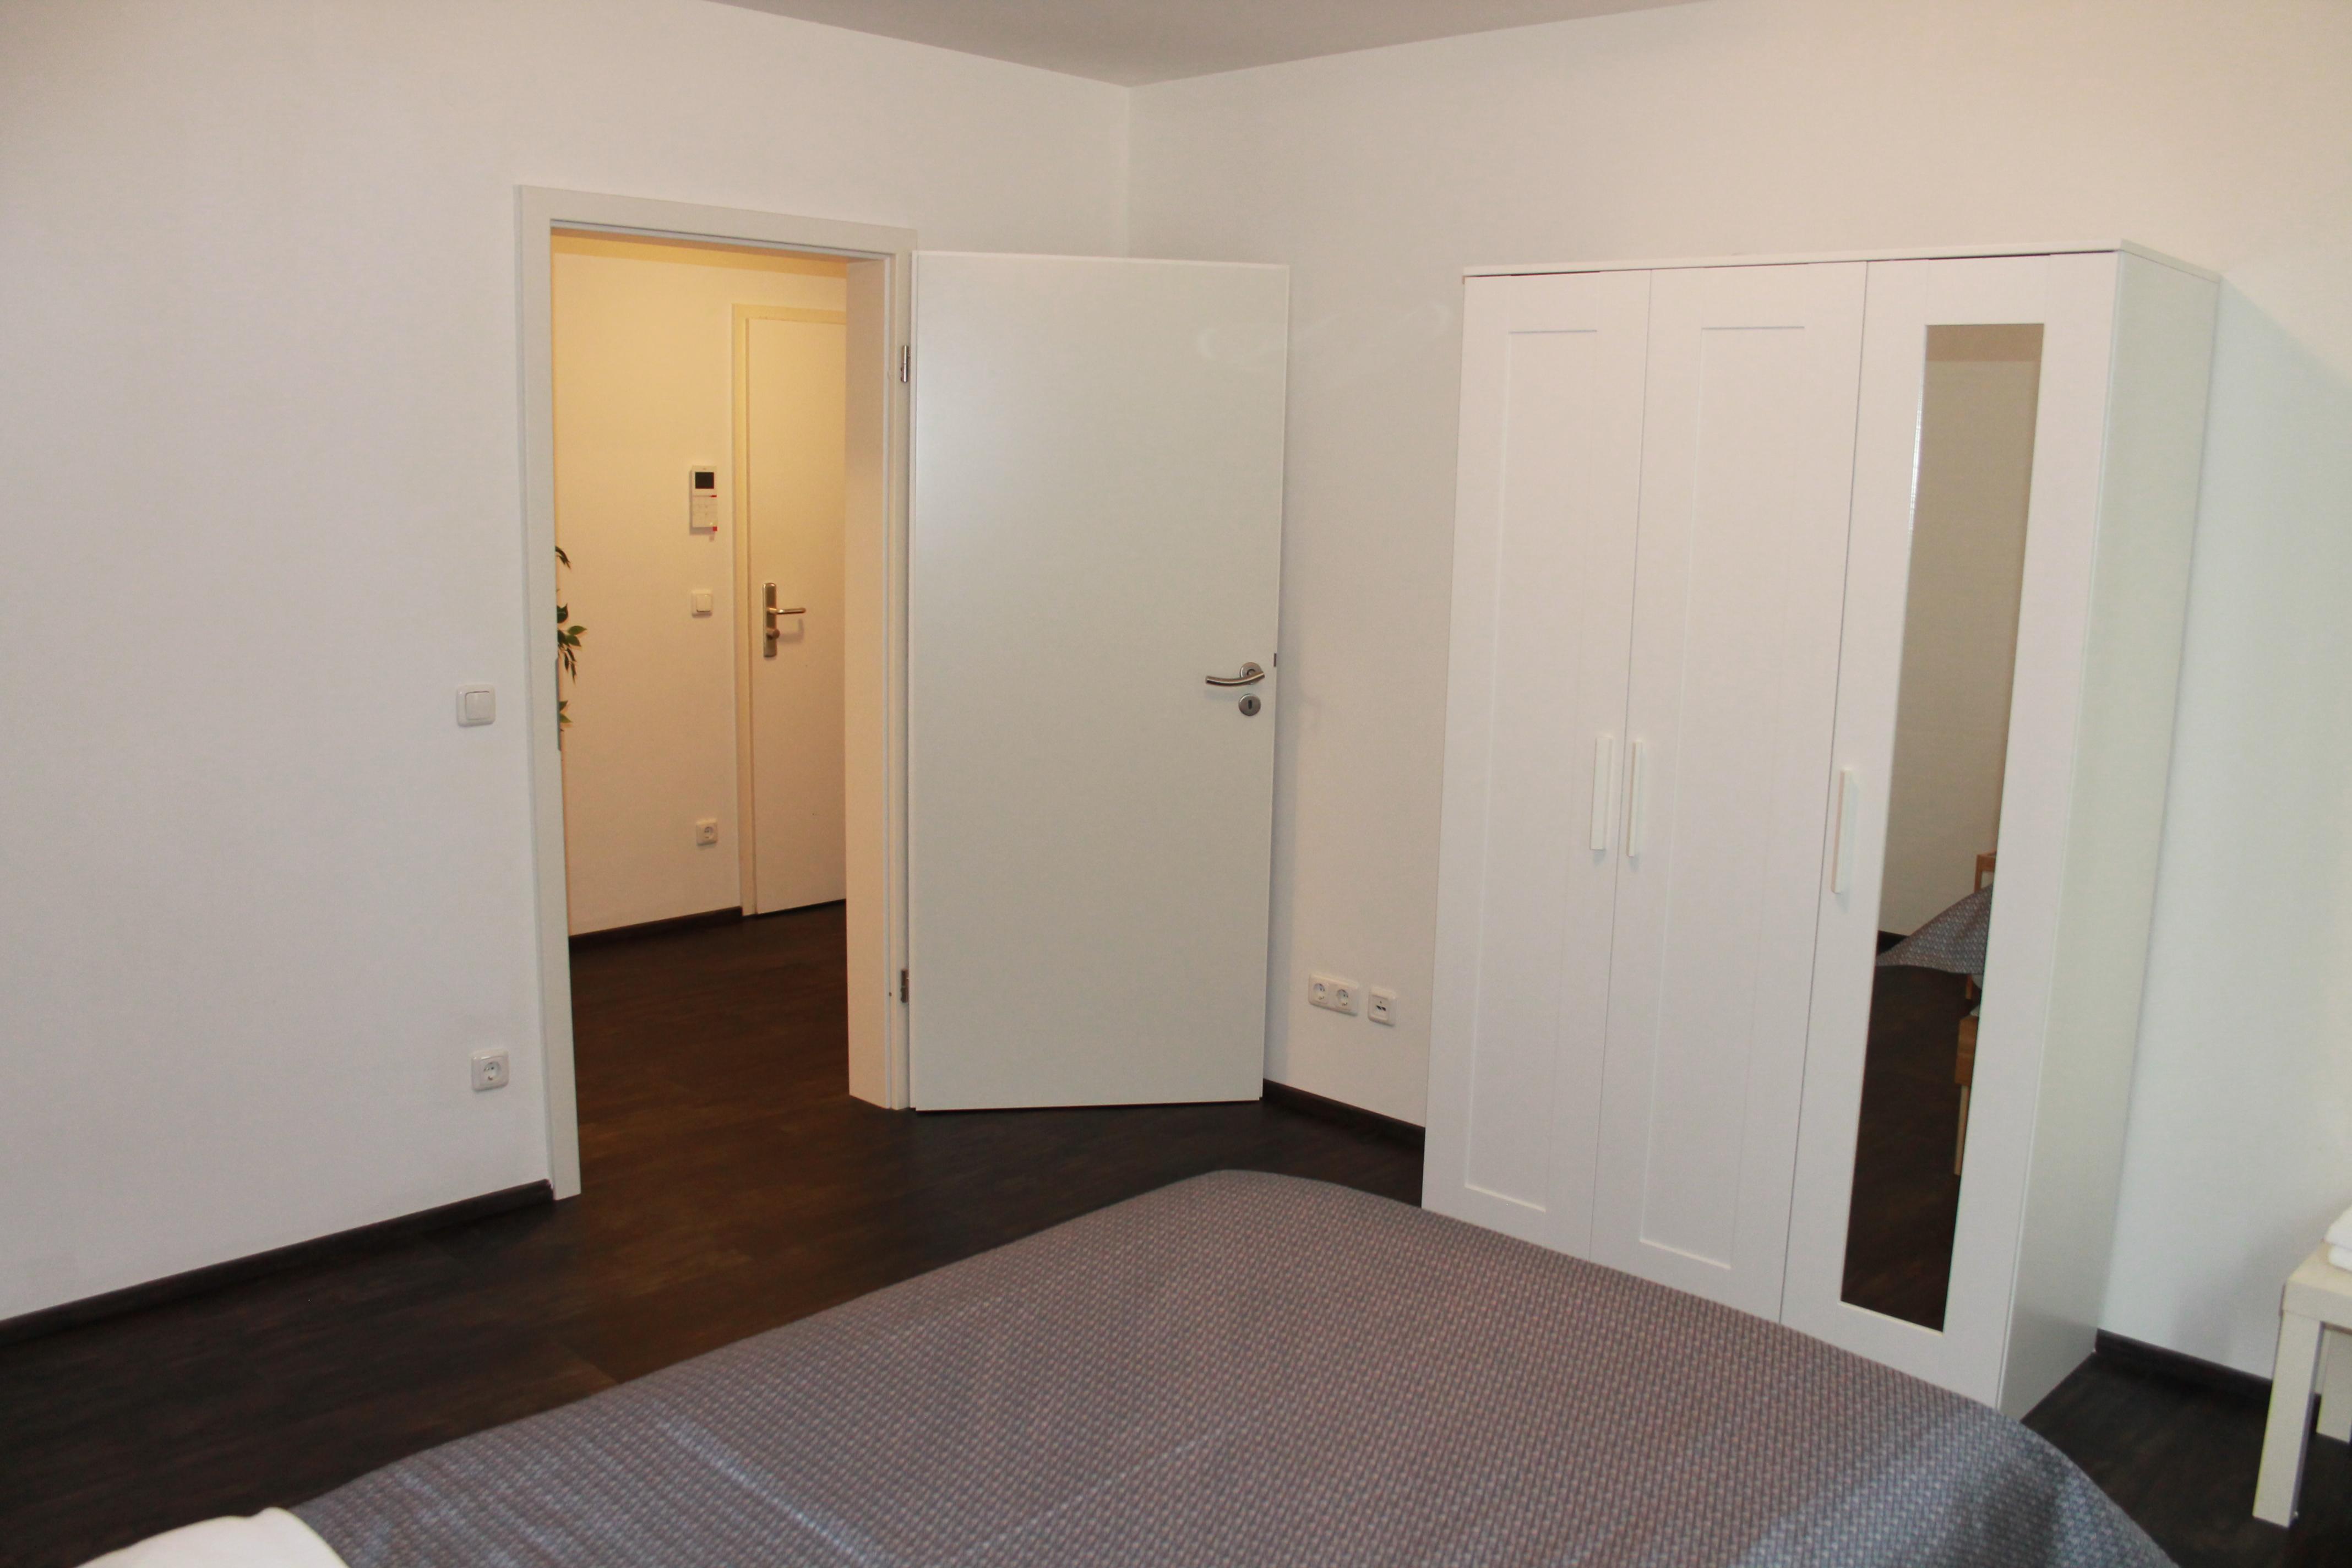 Möblierte Wohnungen in Frankfurt am Main verfügbar